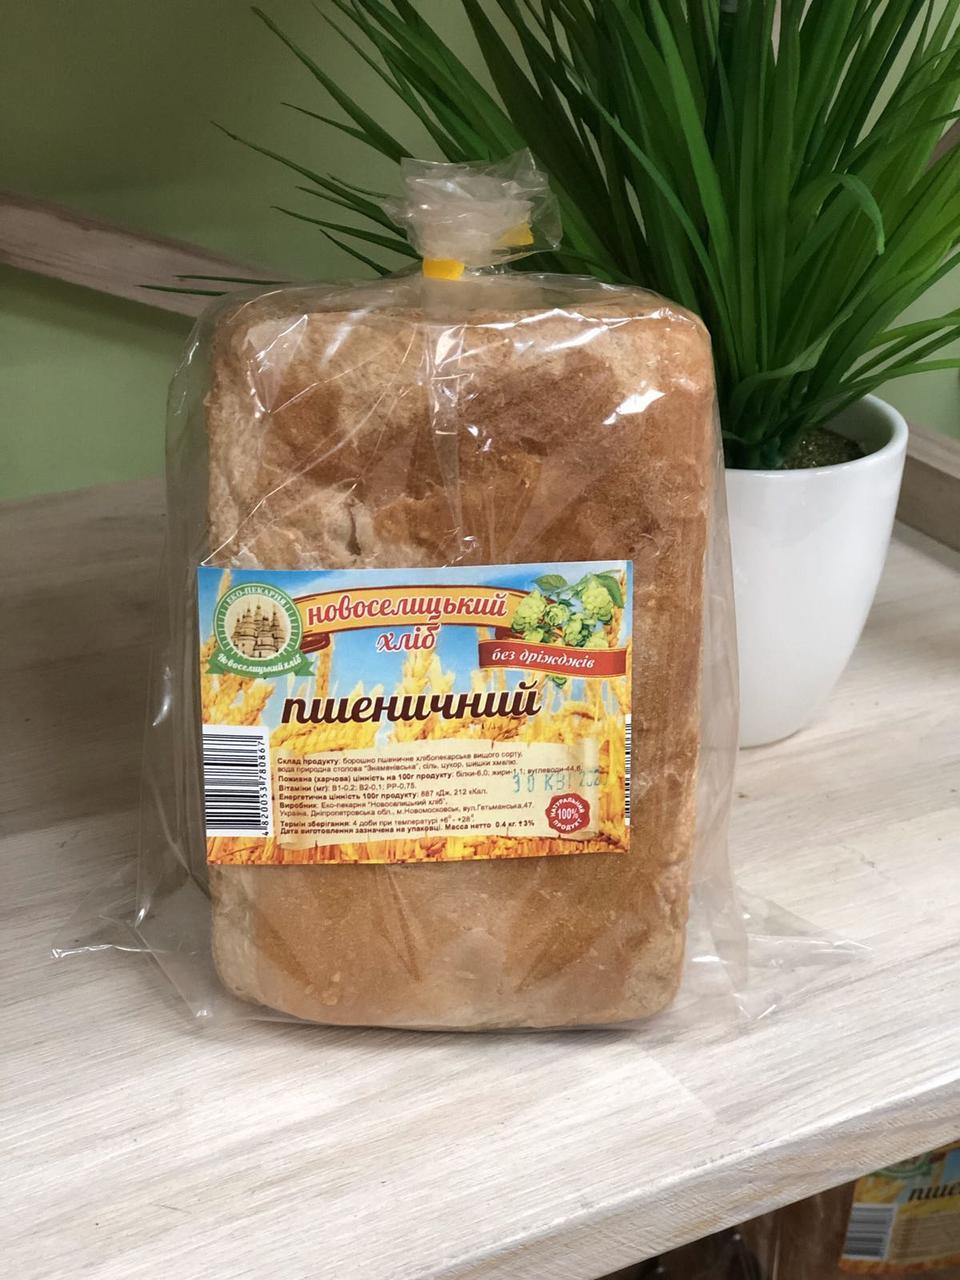 Хліб пшеничний 400г ТМ Новоселецький